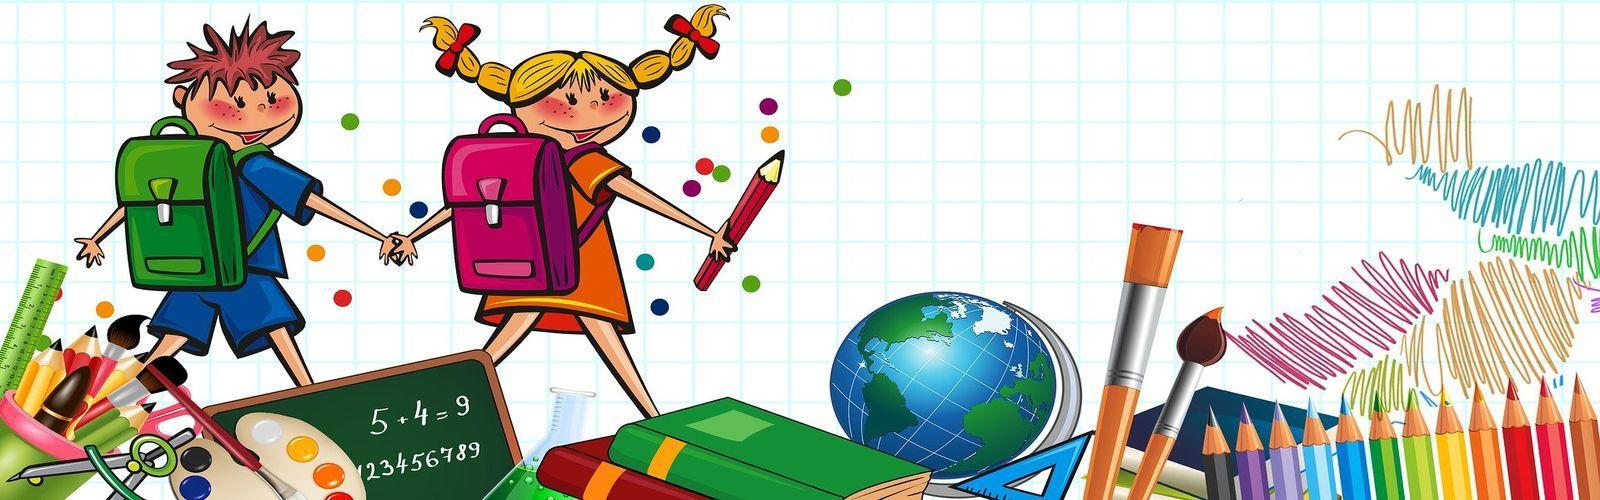 Grafika przedstawia dziewczynkę i chłopca z plecakami. Dzieci trzymają się za ręce. Dziewczynka w prawej ręce trzyma kredkę. Na dole rysunku mamy grafikę przedstawiającą szkolne przybory, między innymi kredki, farby, książki, globus. Tłem rysunku jest zeszyt w kratkę.